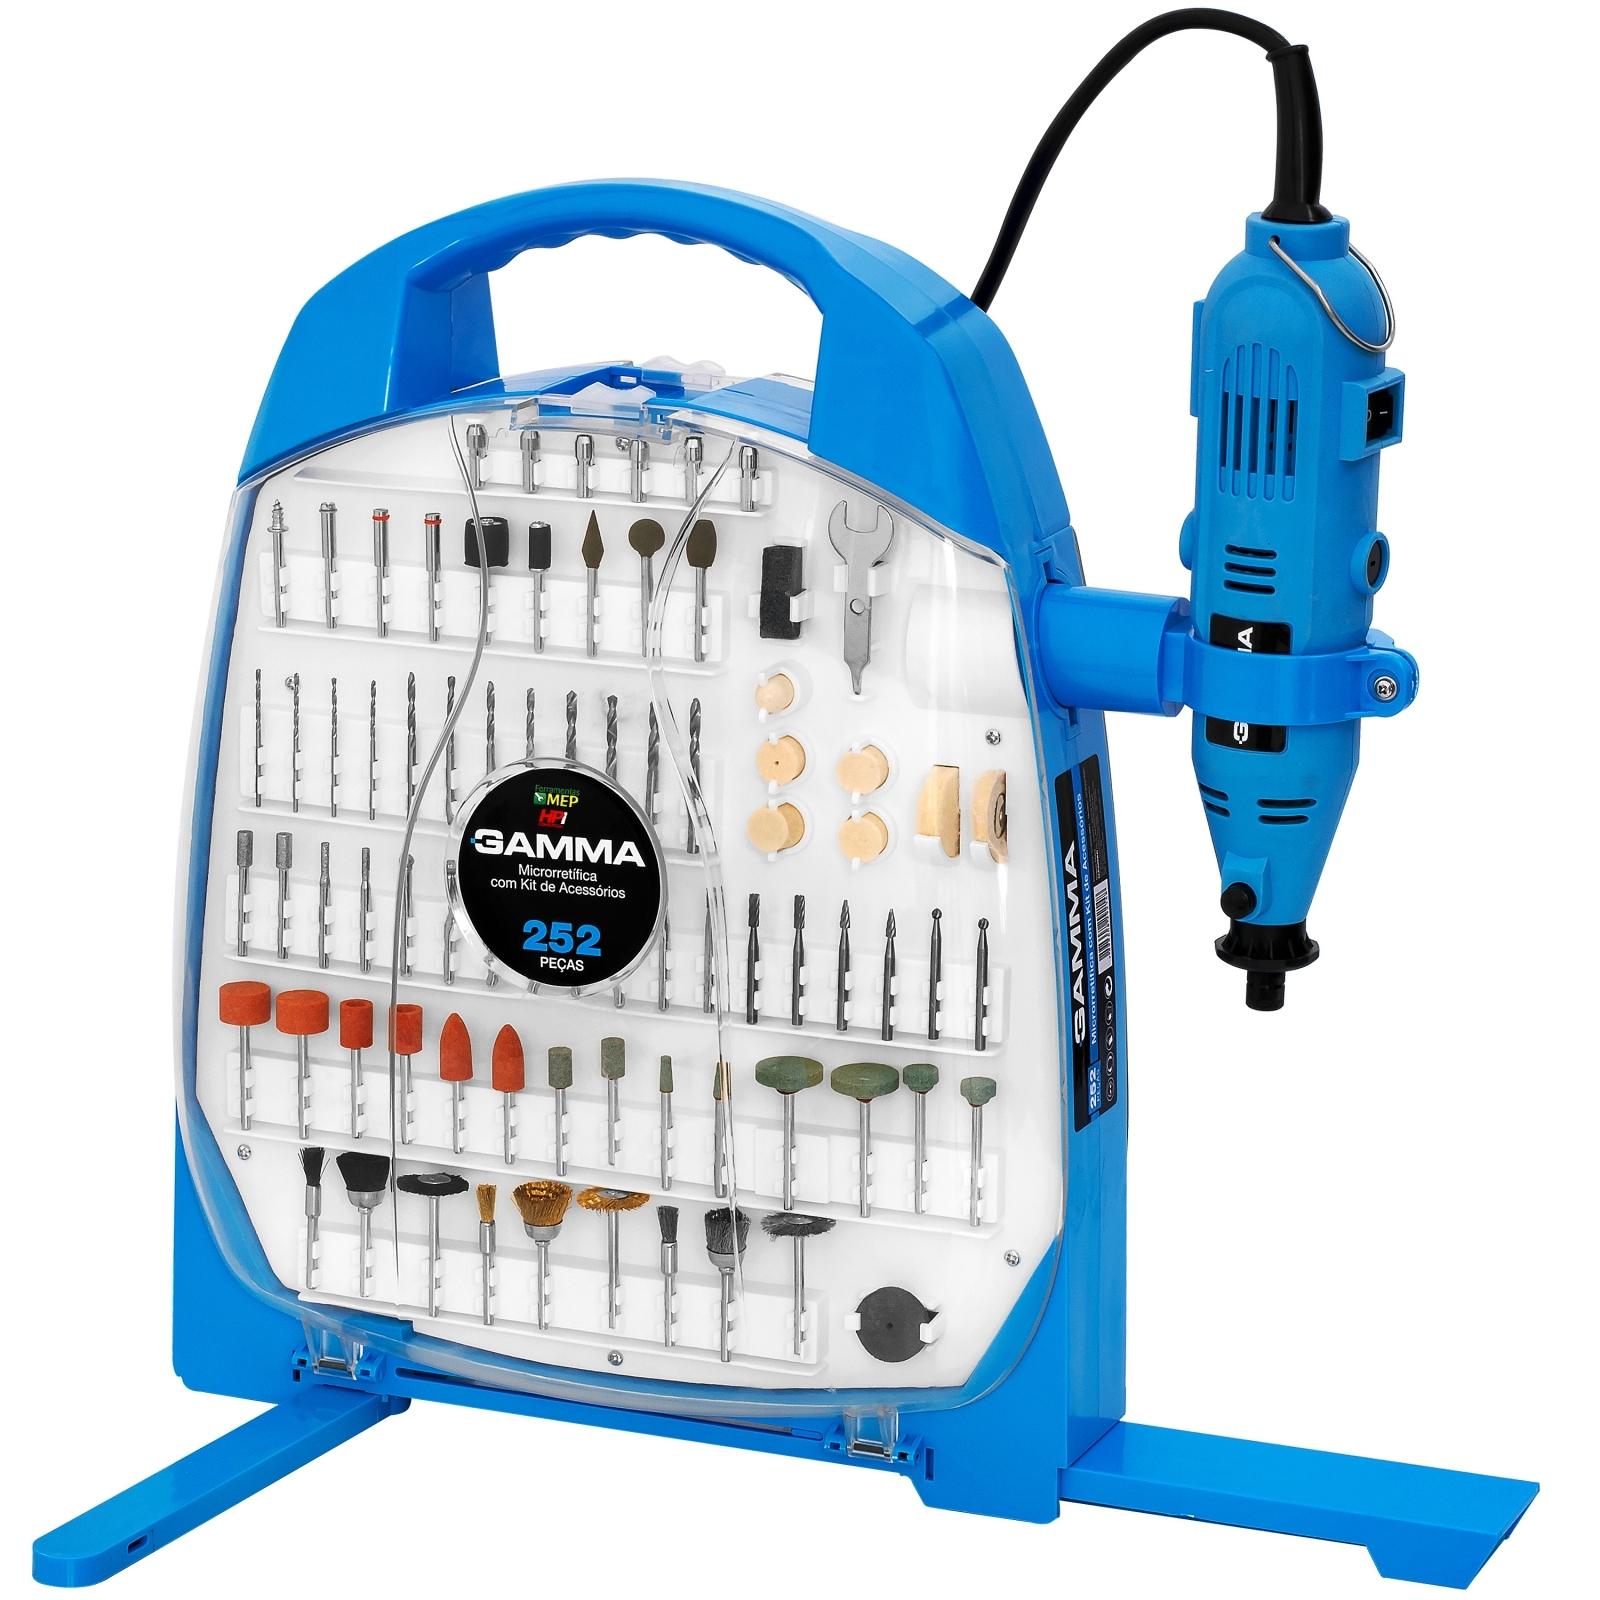 Micro Retífica Com Acessórios Gamma - G19502BR - 252 Peças - 130 watts - Ferramentas MEP